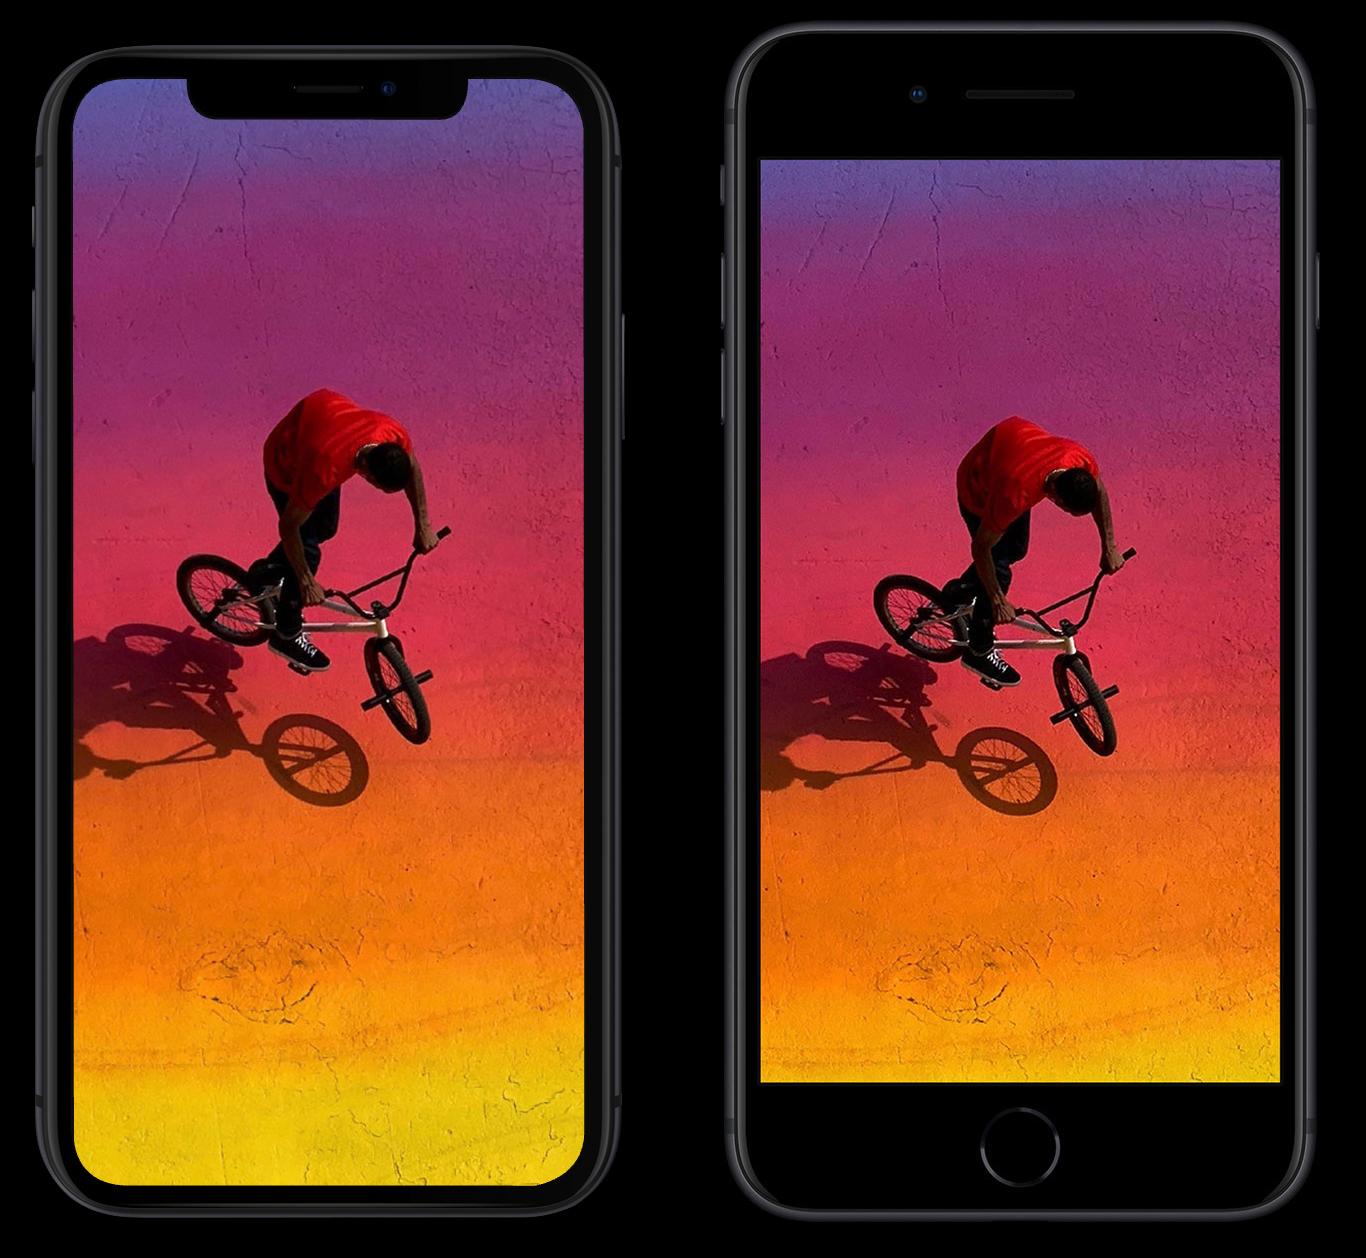 Comparación de tamaños: iPhone XR y iPhone 8 Plus